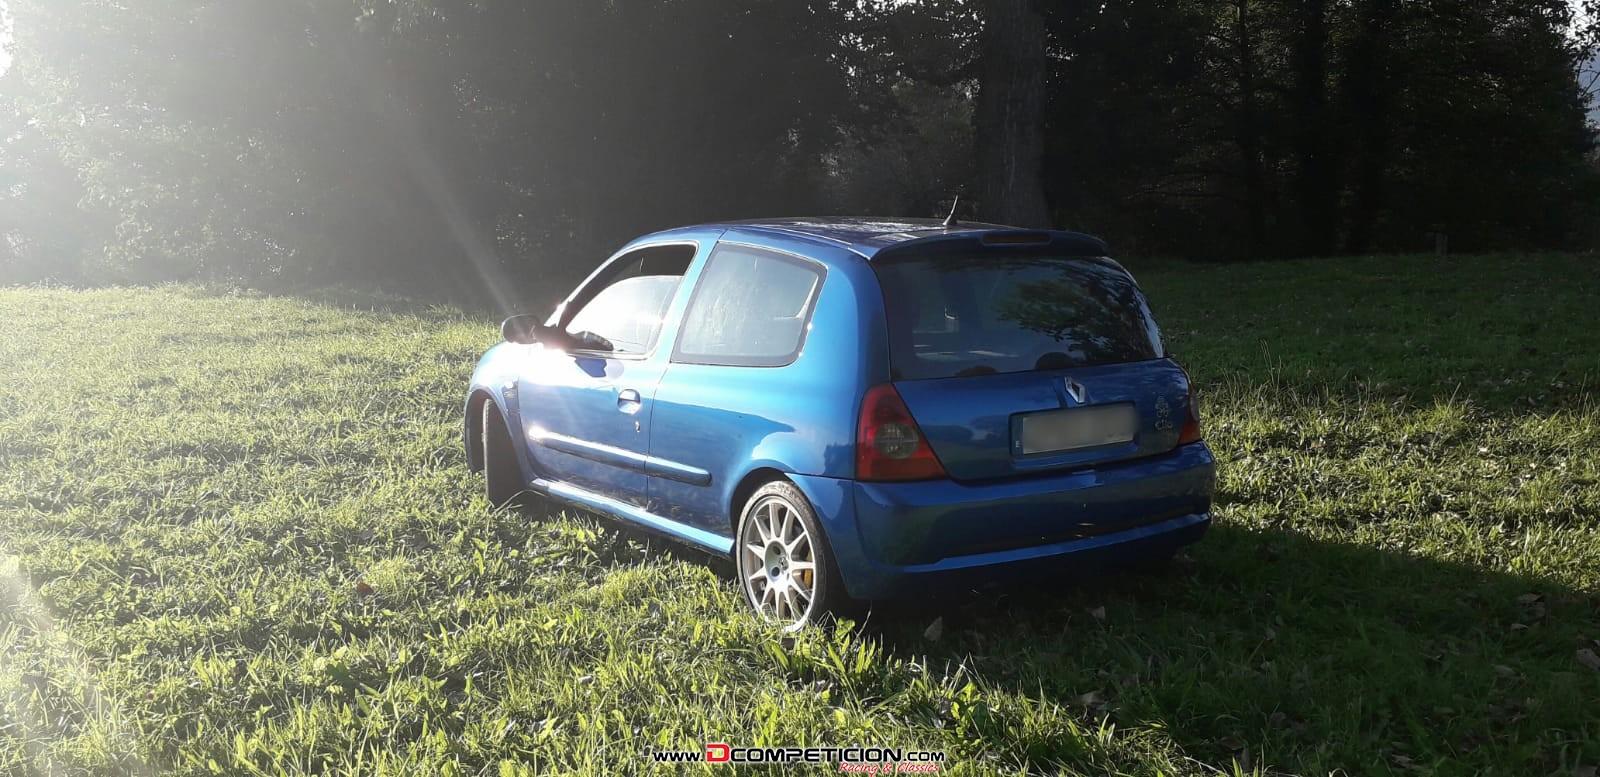 Foto3 Se vende o cambia Renault Clio Sport S Ragnotti de calle